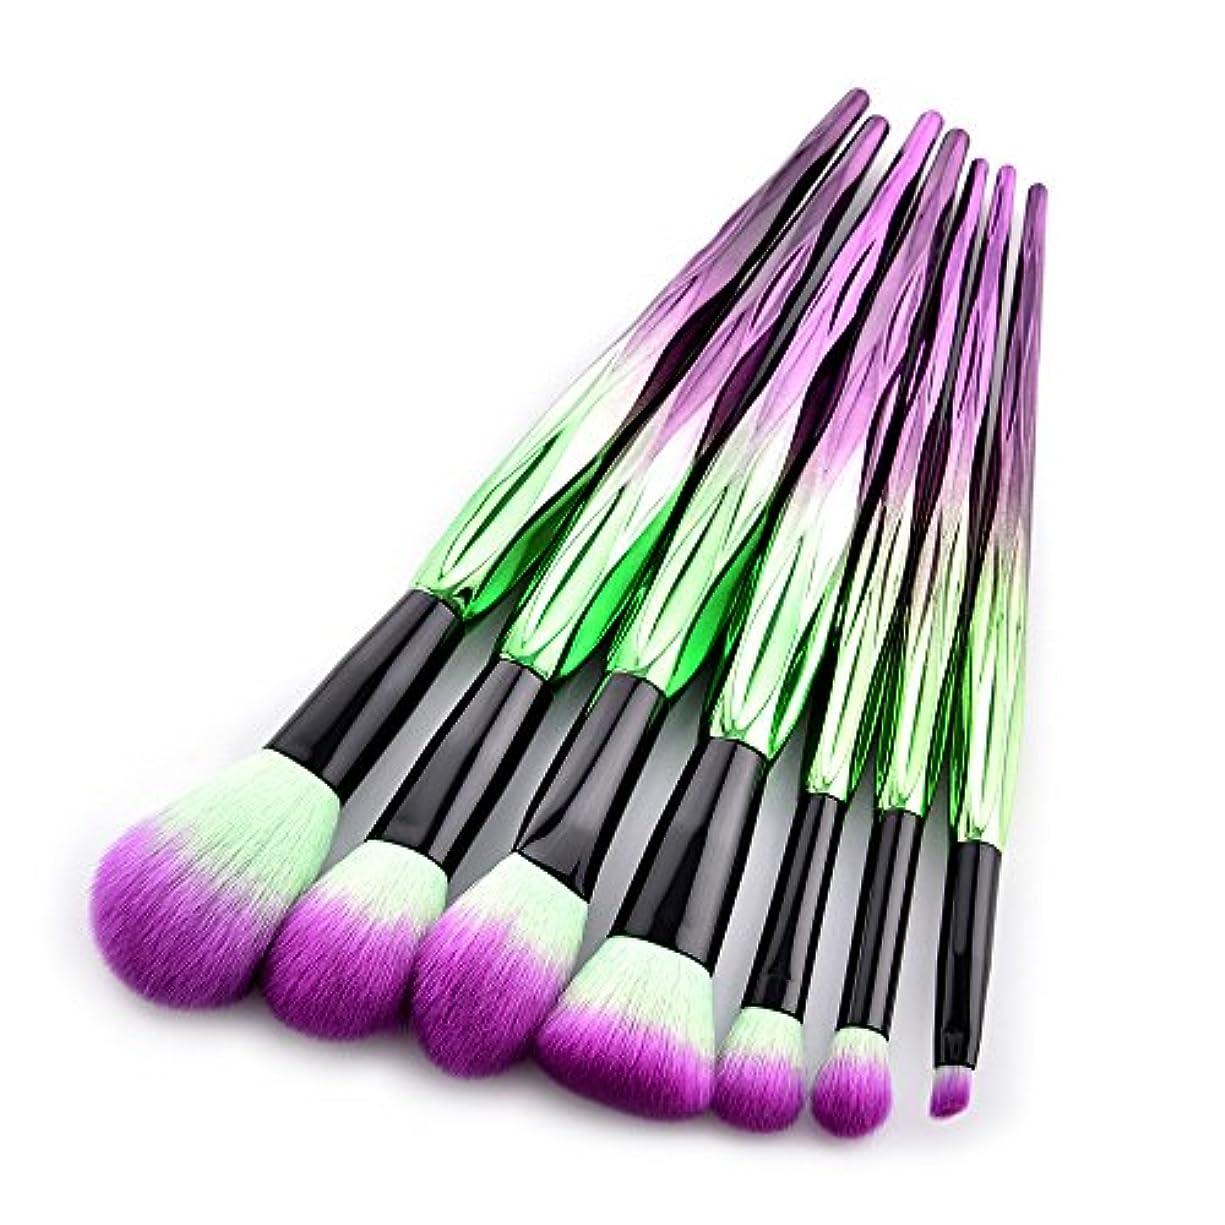 スカリーオンギャング(プタス)Putars メイクブラシ メイクブラシセット 7本セット 22*12*1.4cm 紫 緑 ベースメイク 化粧ブラシ ふわふわ お肌に優しい 毛量たっぷり メイク道具 プレゼント